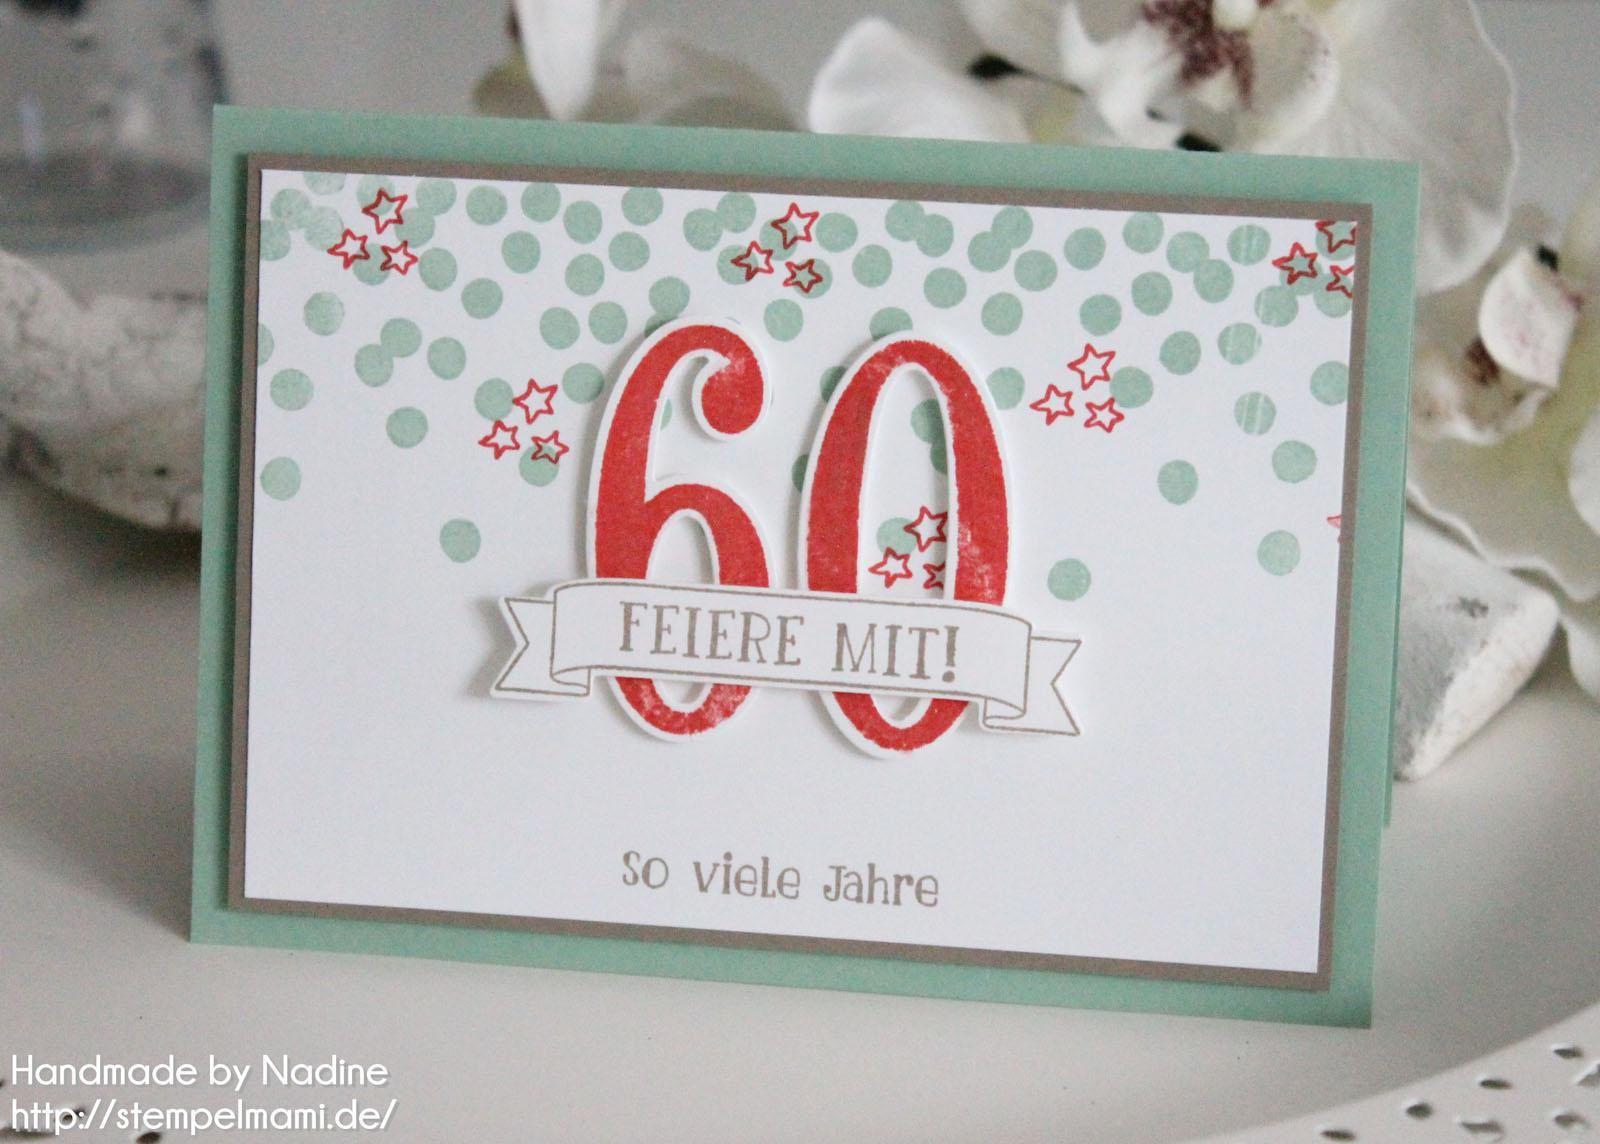 attractive einladungskarten zum 60 geburtstag selbst basteln #1: einladungskarten geburtstag : einladungskarten geburtstag selber machen -  Einladung Zum Geburtstag - Einladung Zum Geburtstag